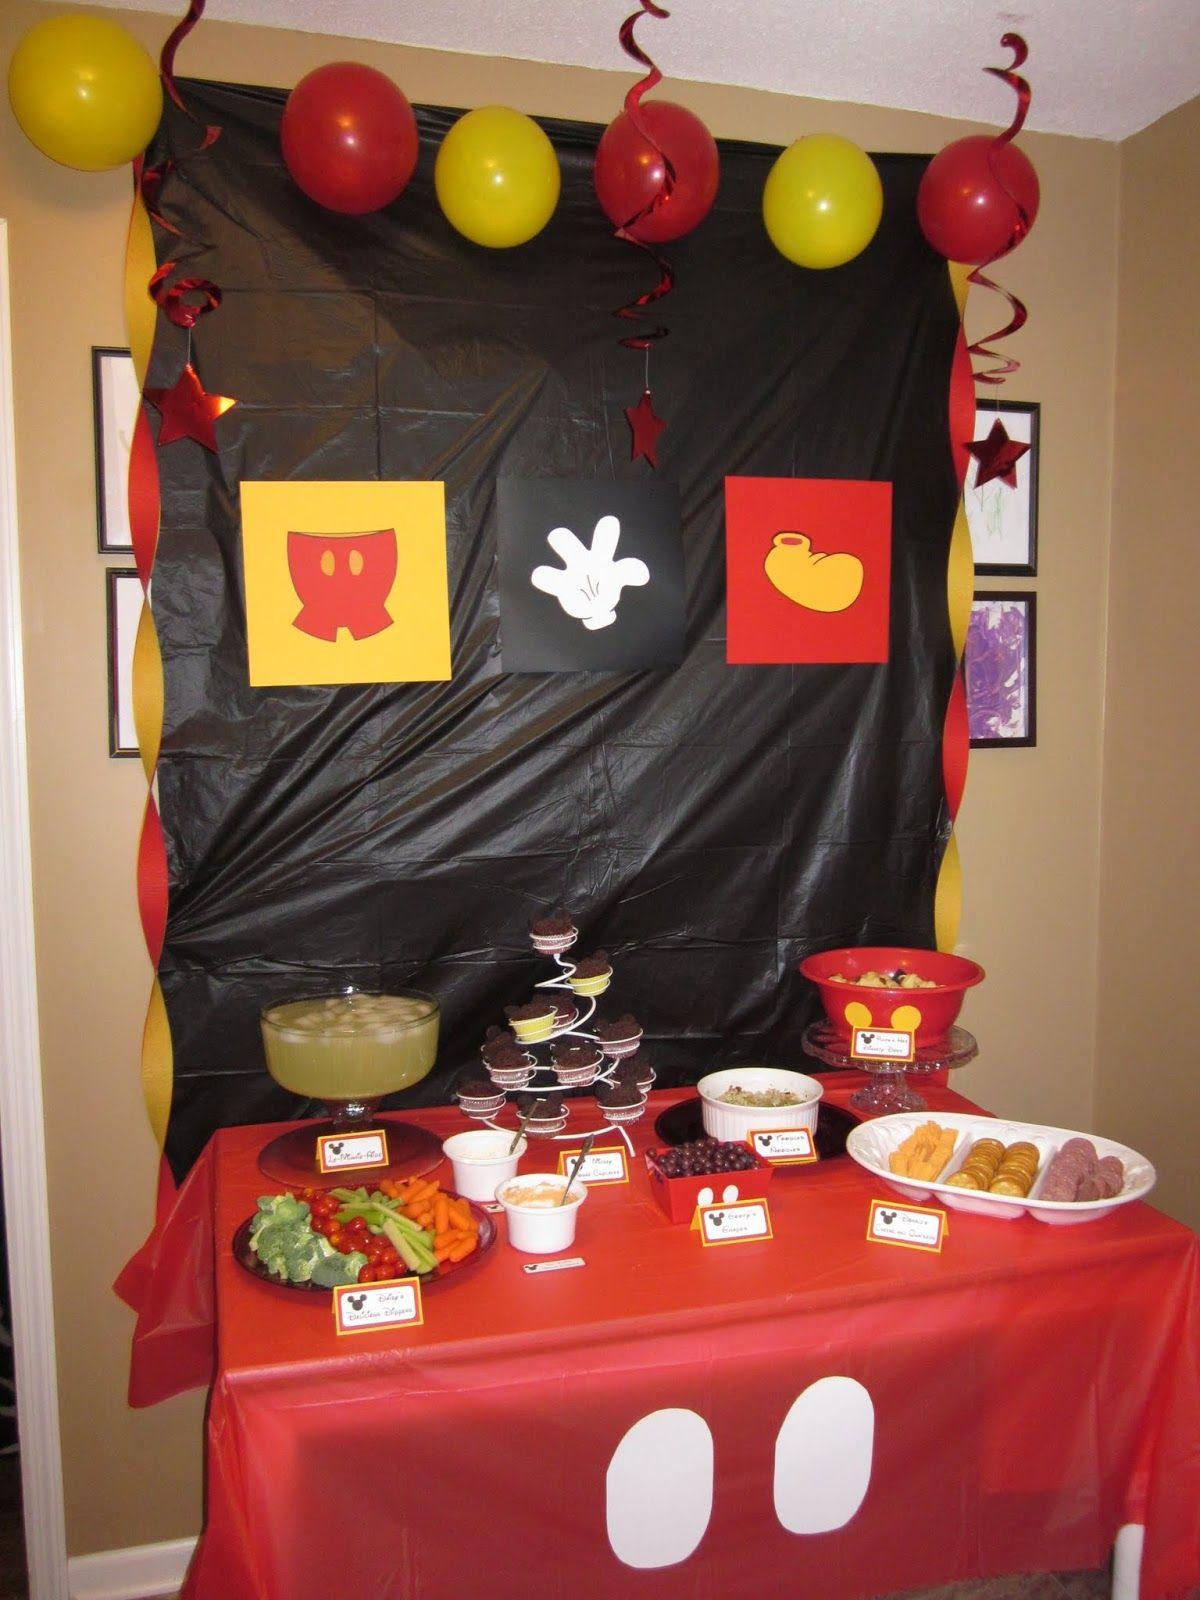 Decoraci n fiesta mickey mouse con los botones del - Decoracion para fiestas infantiles mickey mouse ...